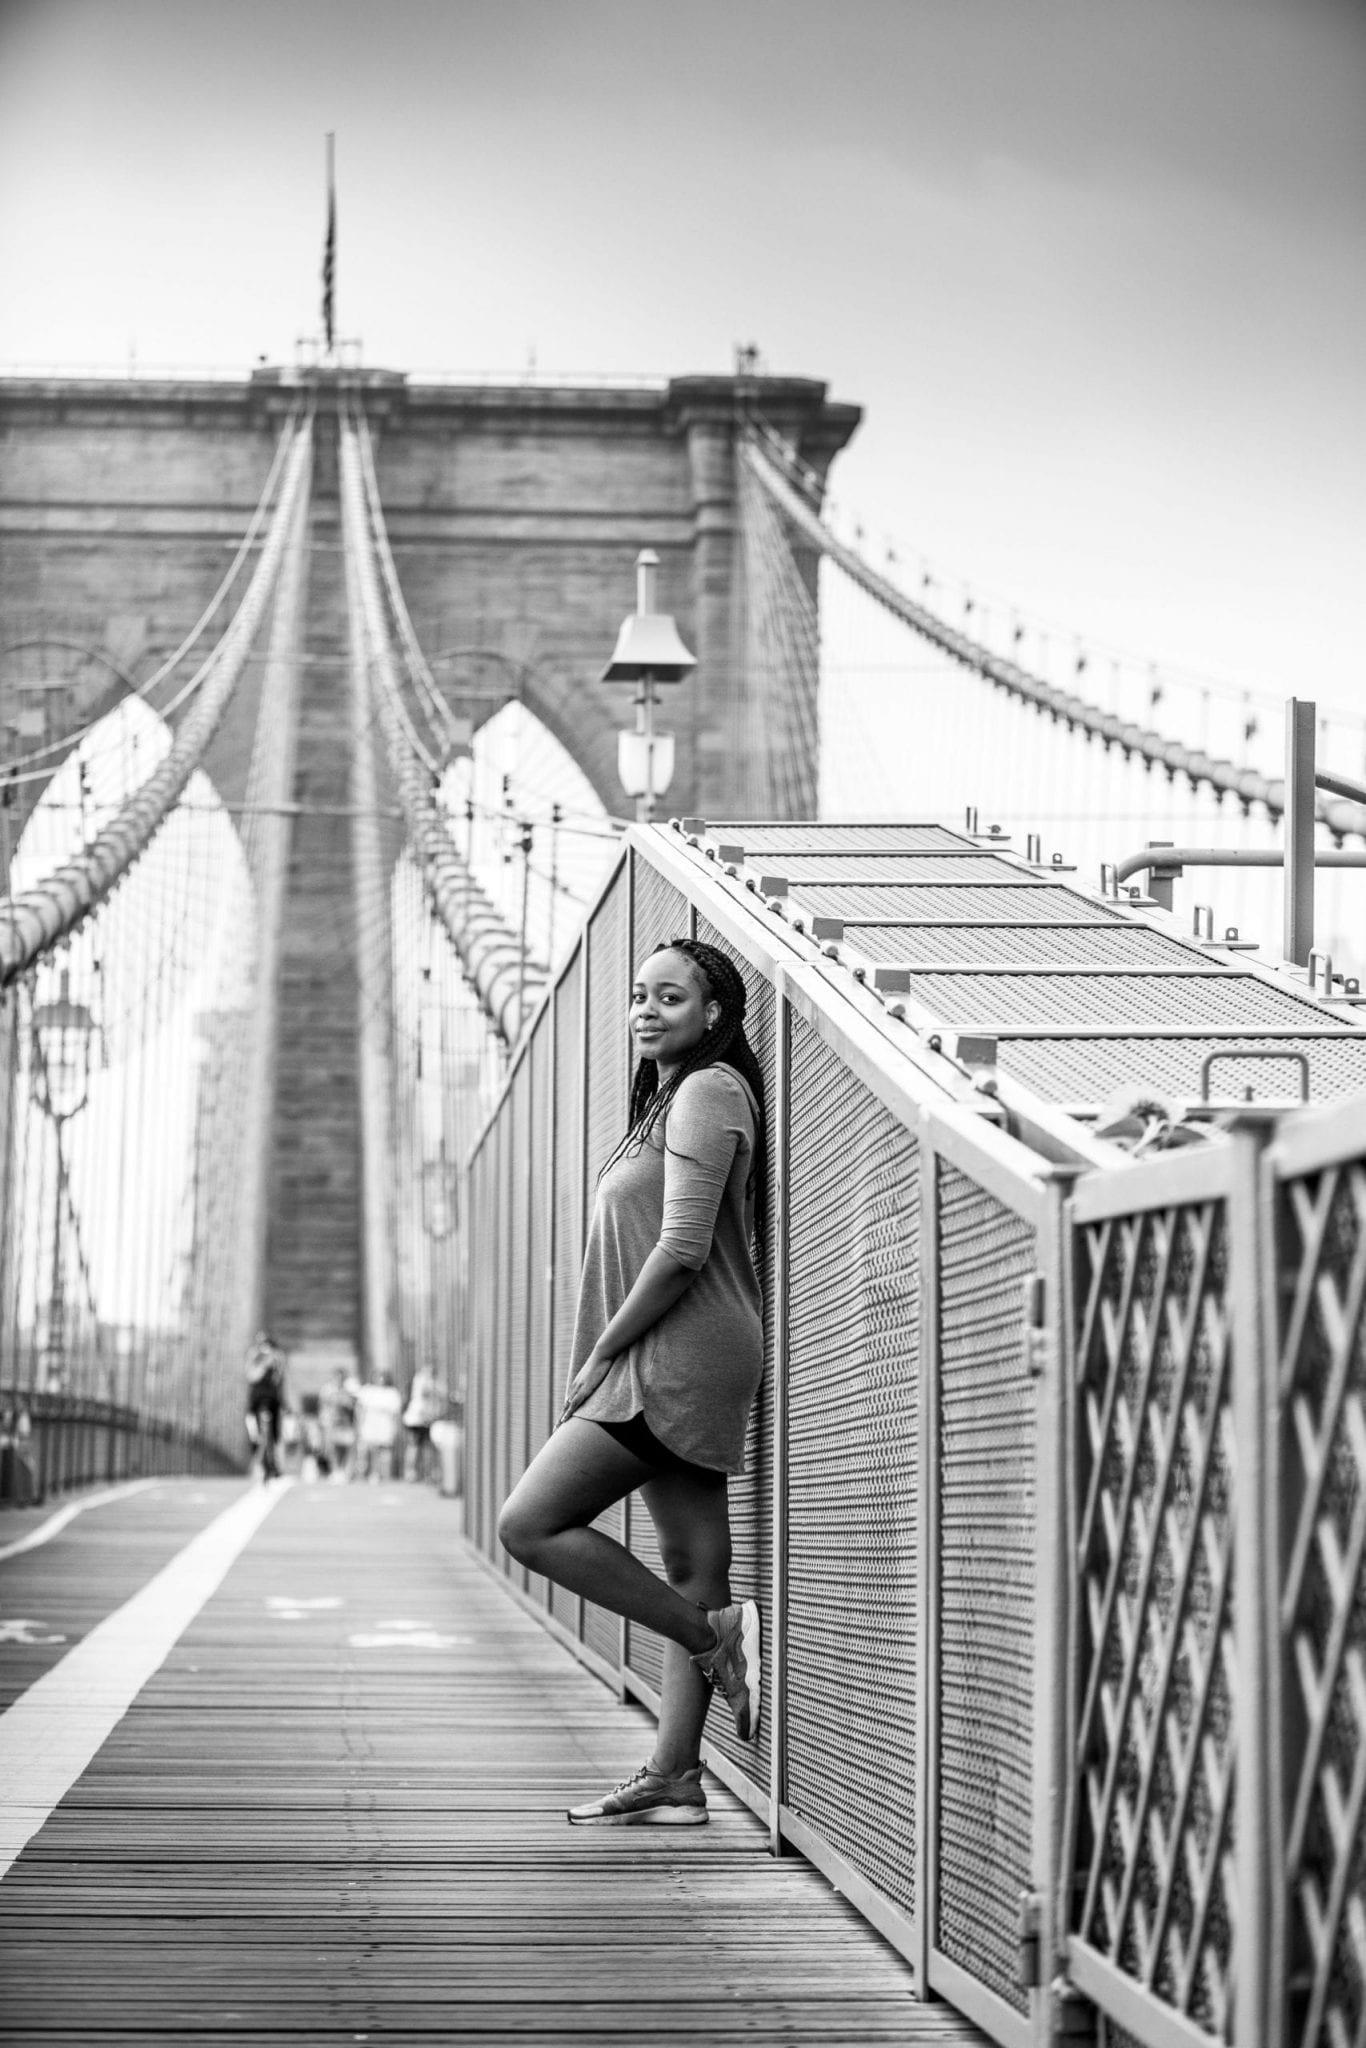 Modèle New York, photo et reportage de voyage Studio End entre Rodez et Albi